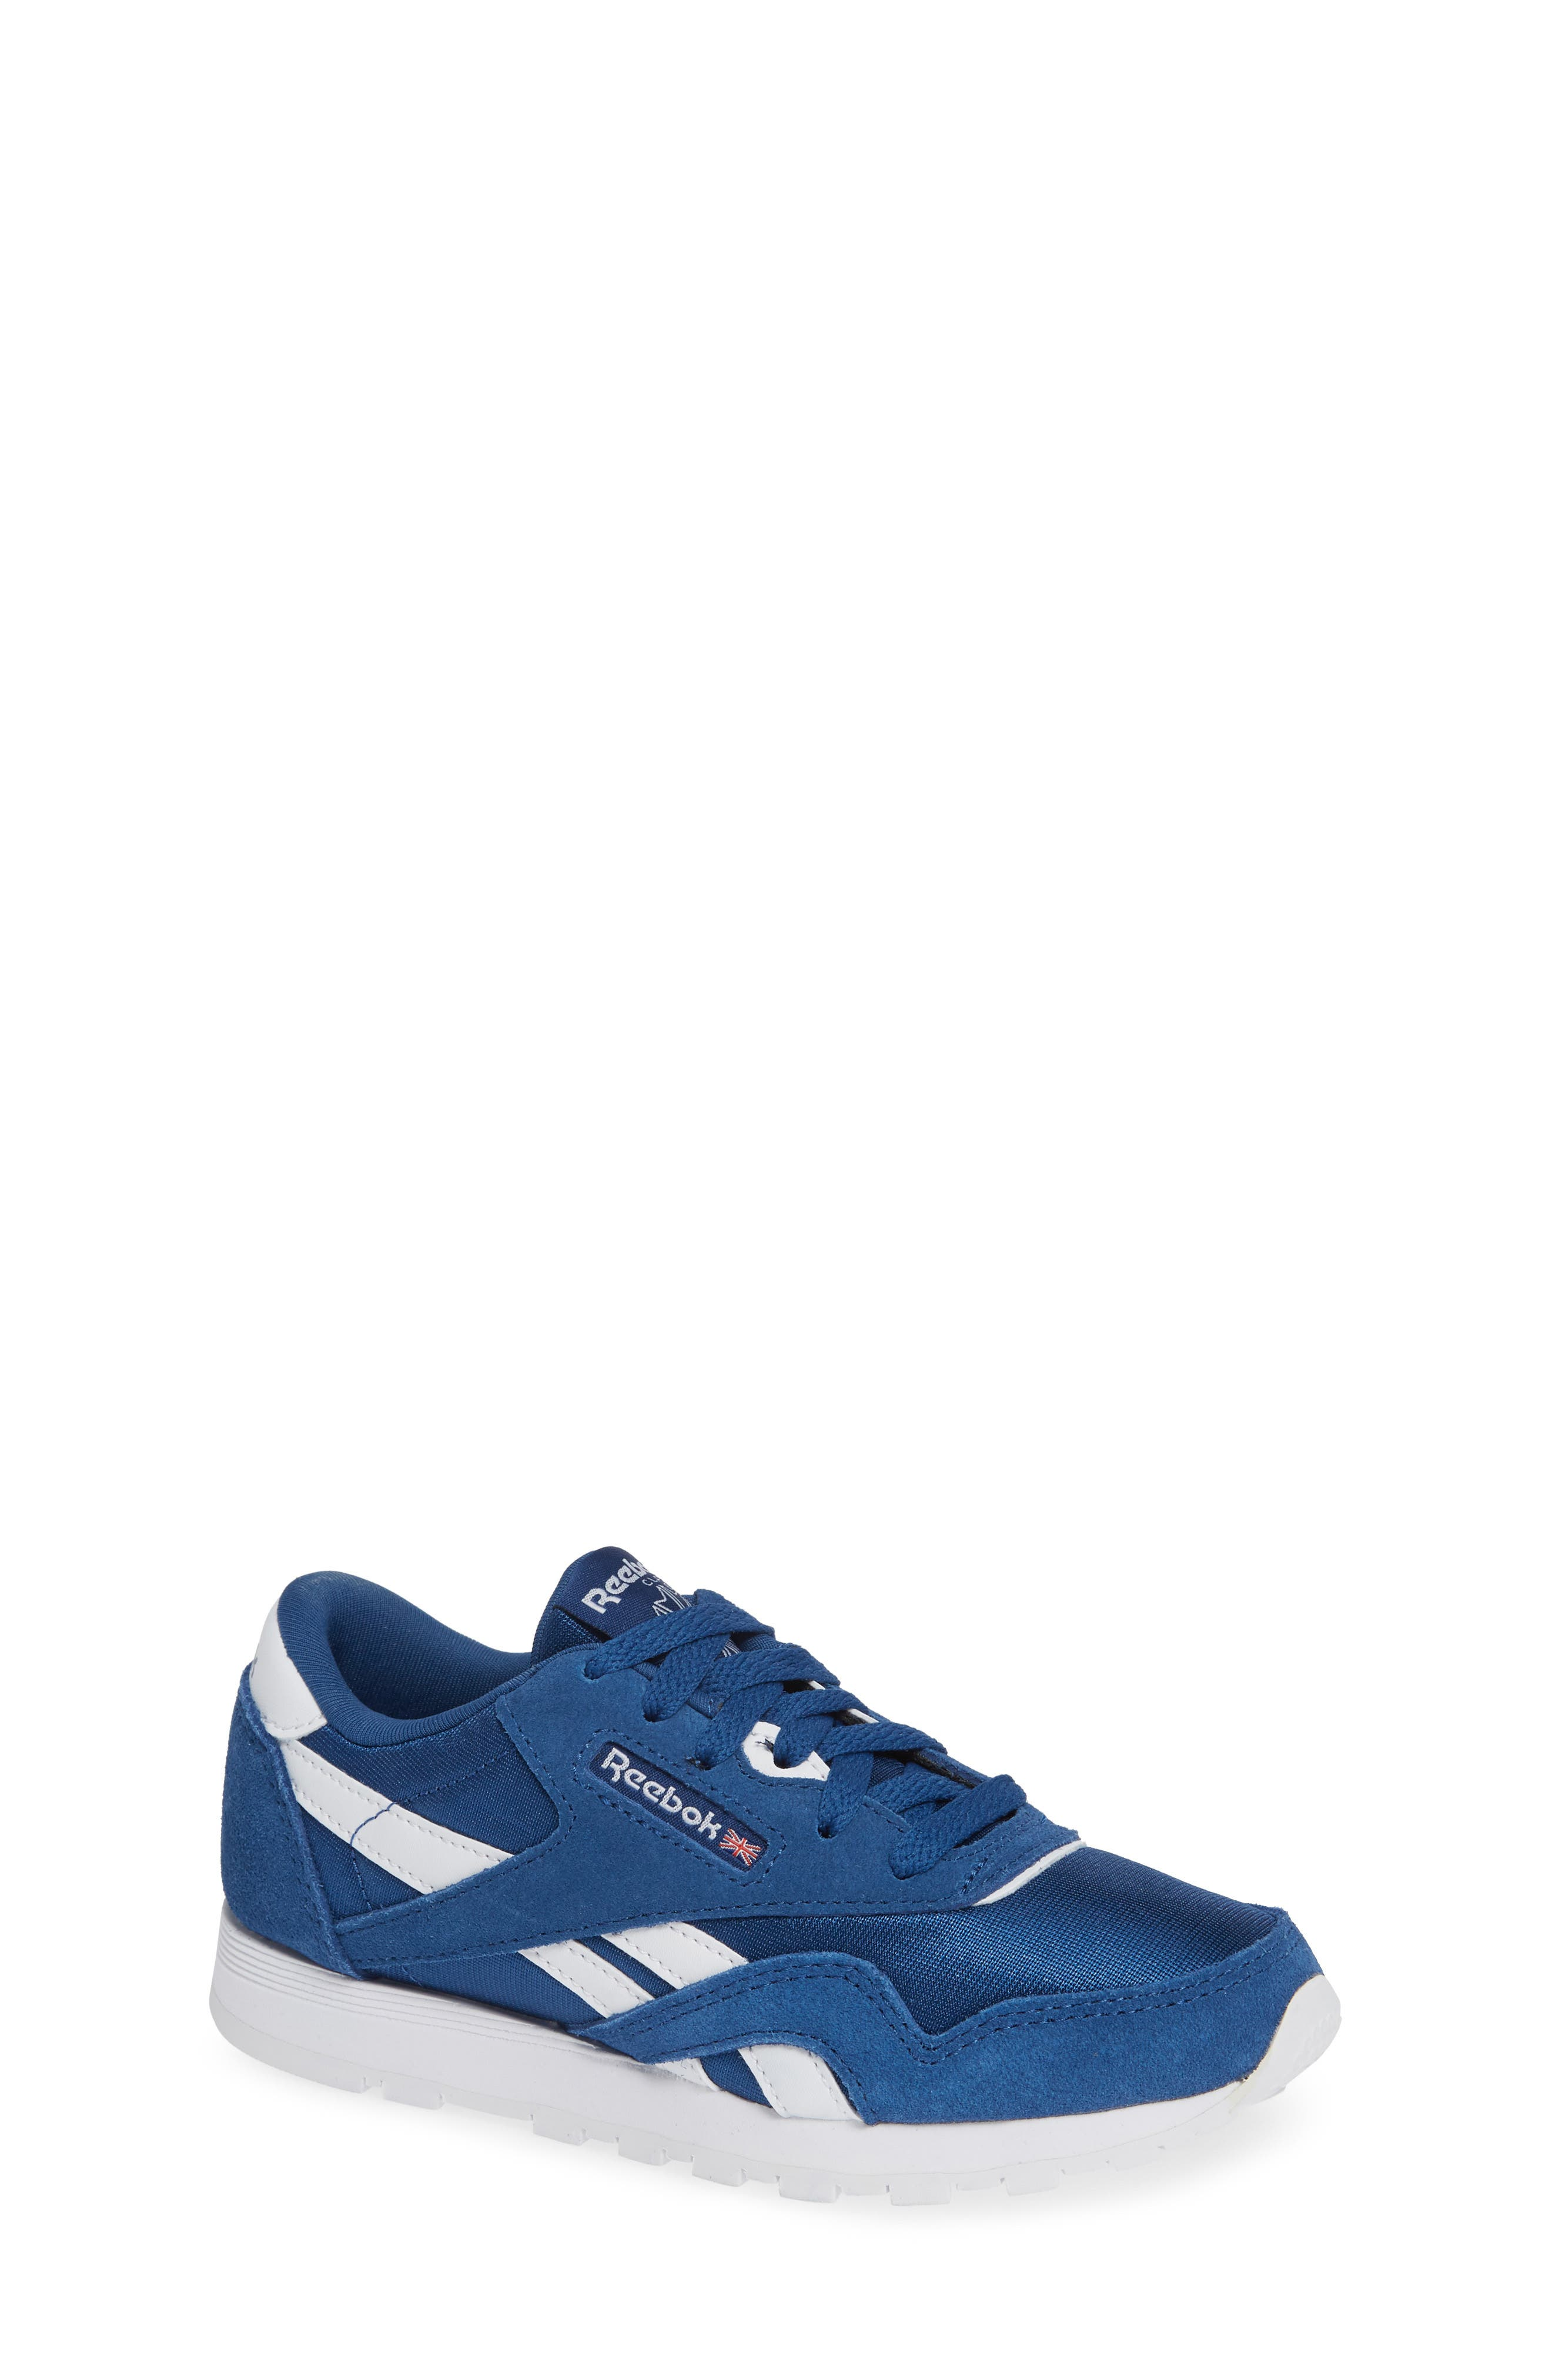 Classic Nylon Sneaker,                         Main,                         color, BUNKER BLUE/ WHITE